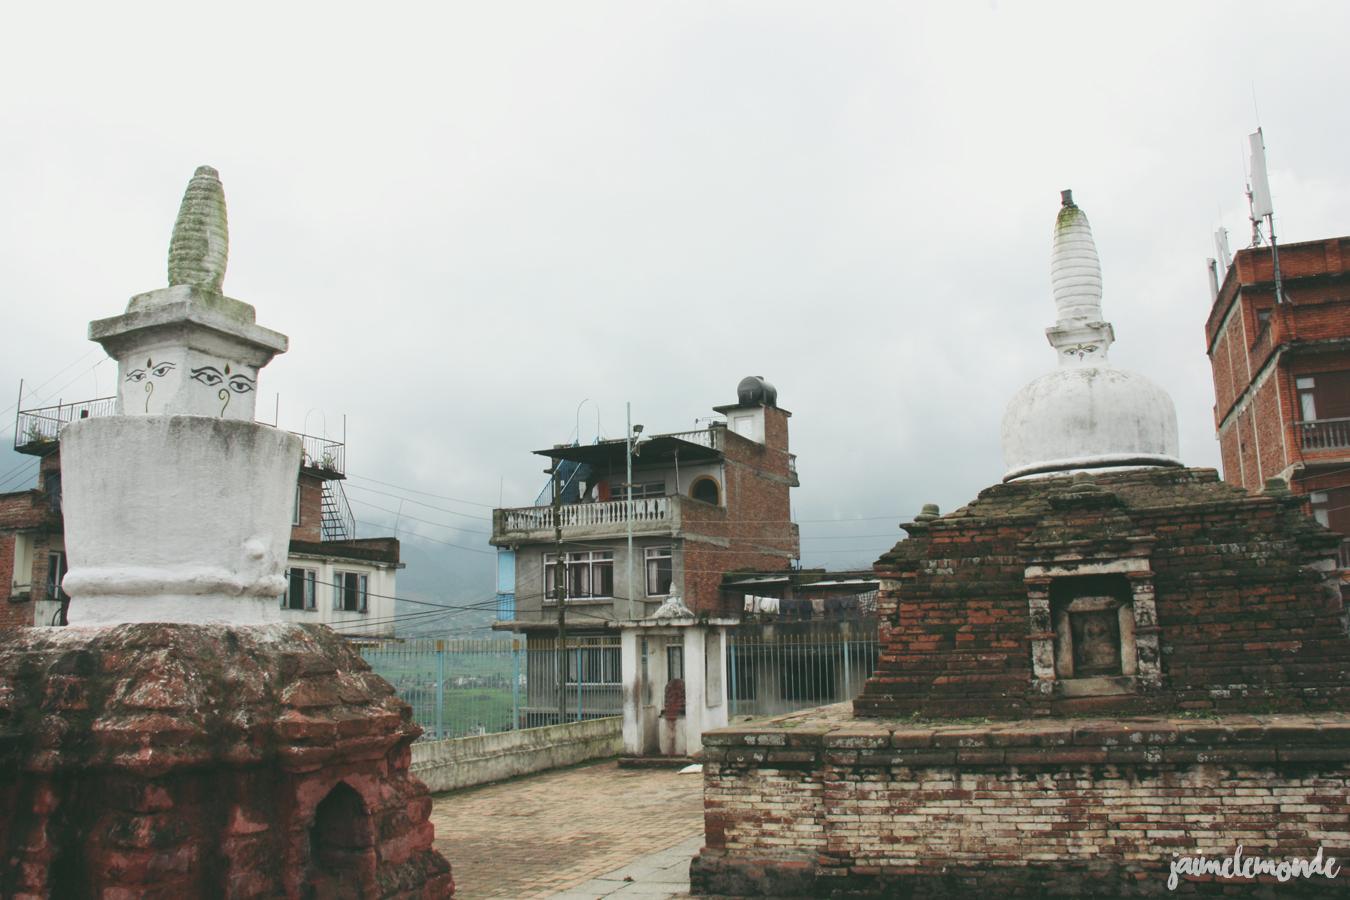 Blog voyage - 50 photos au Népal - ©jaimelemonde (45)